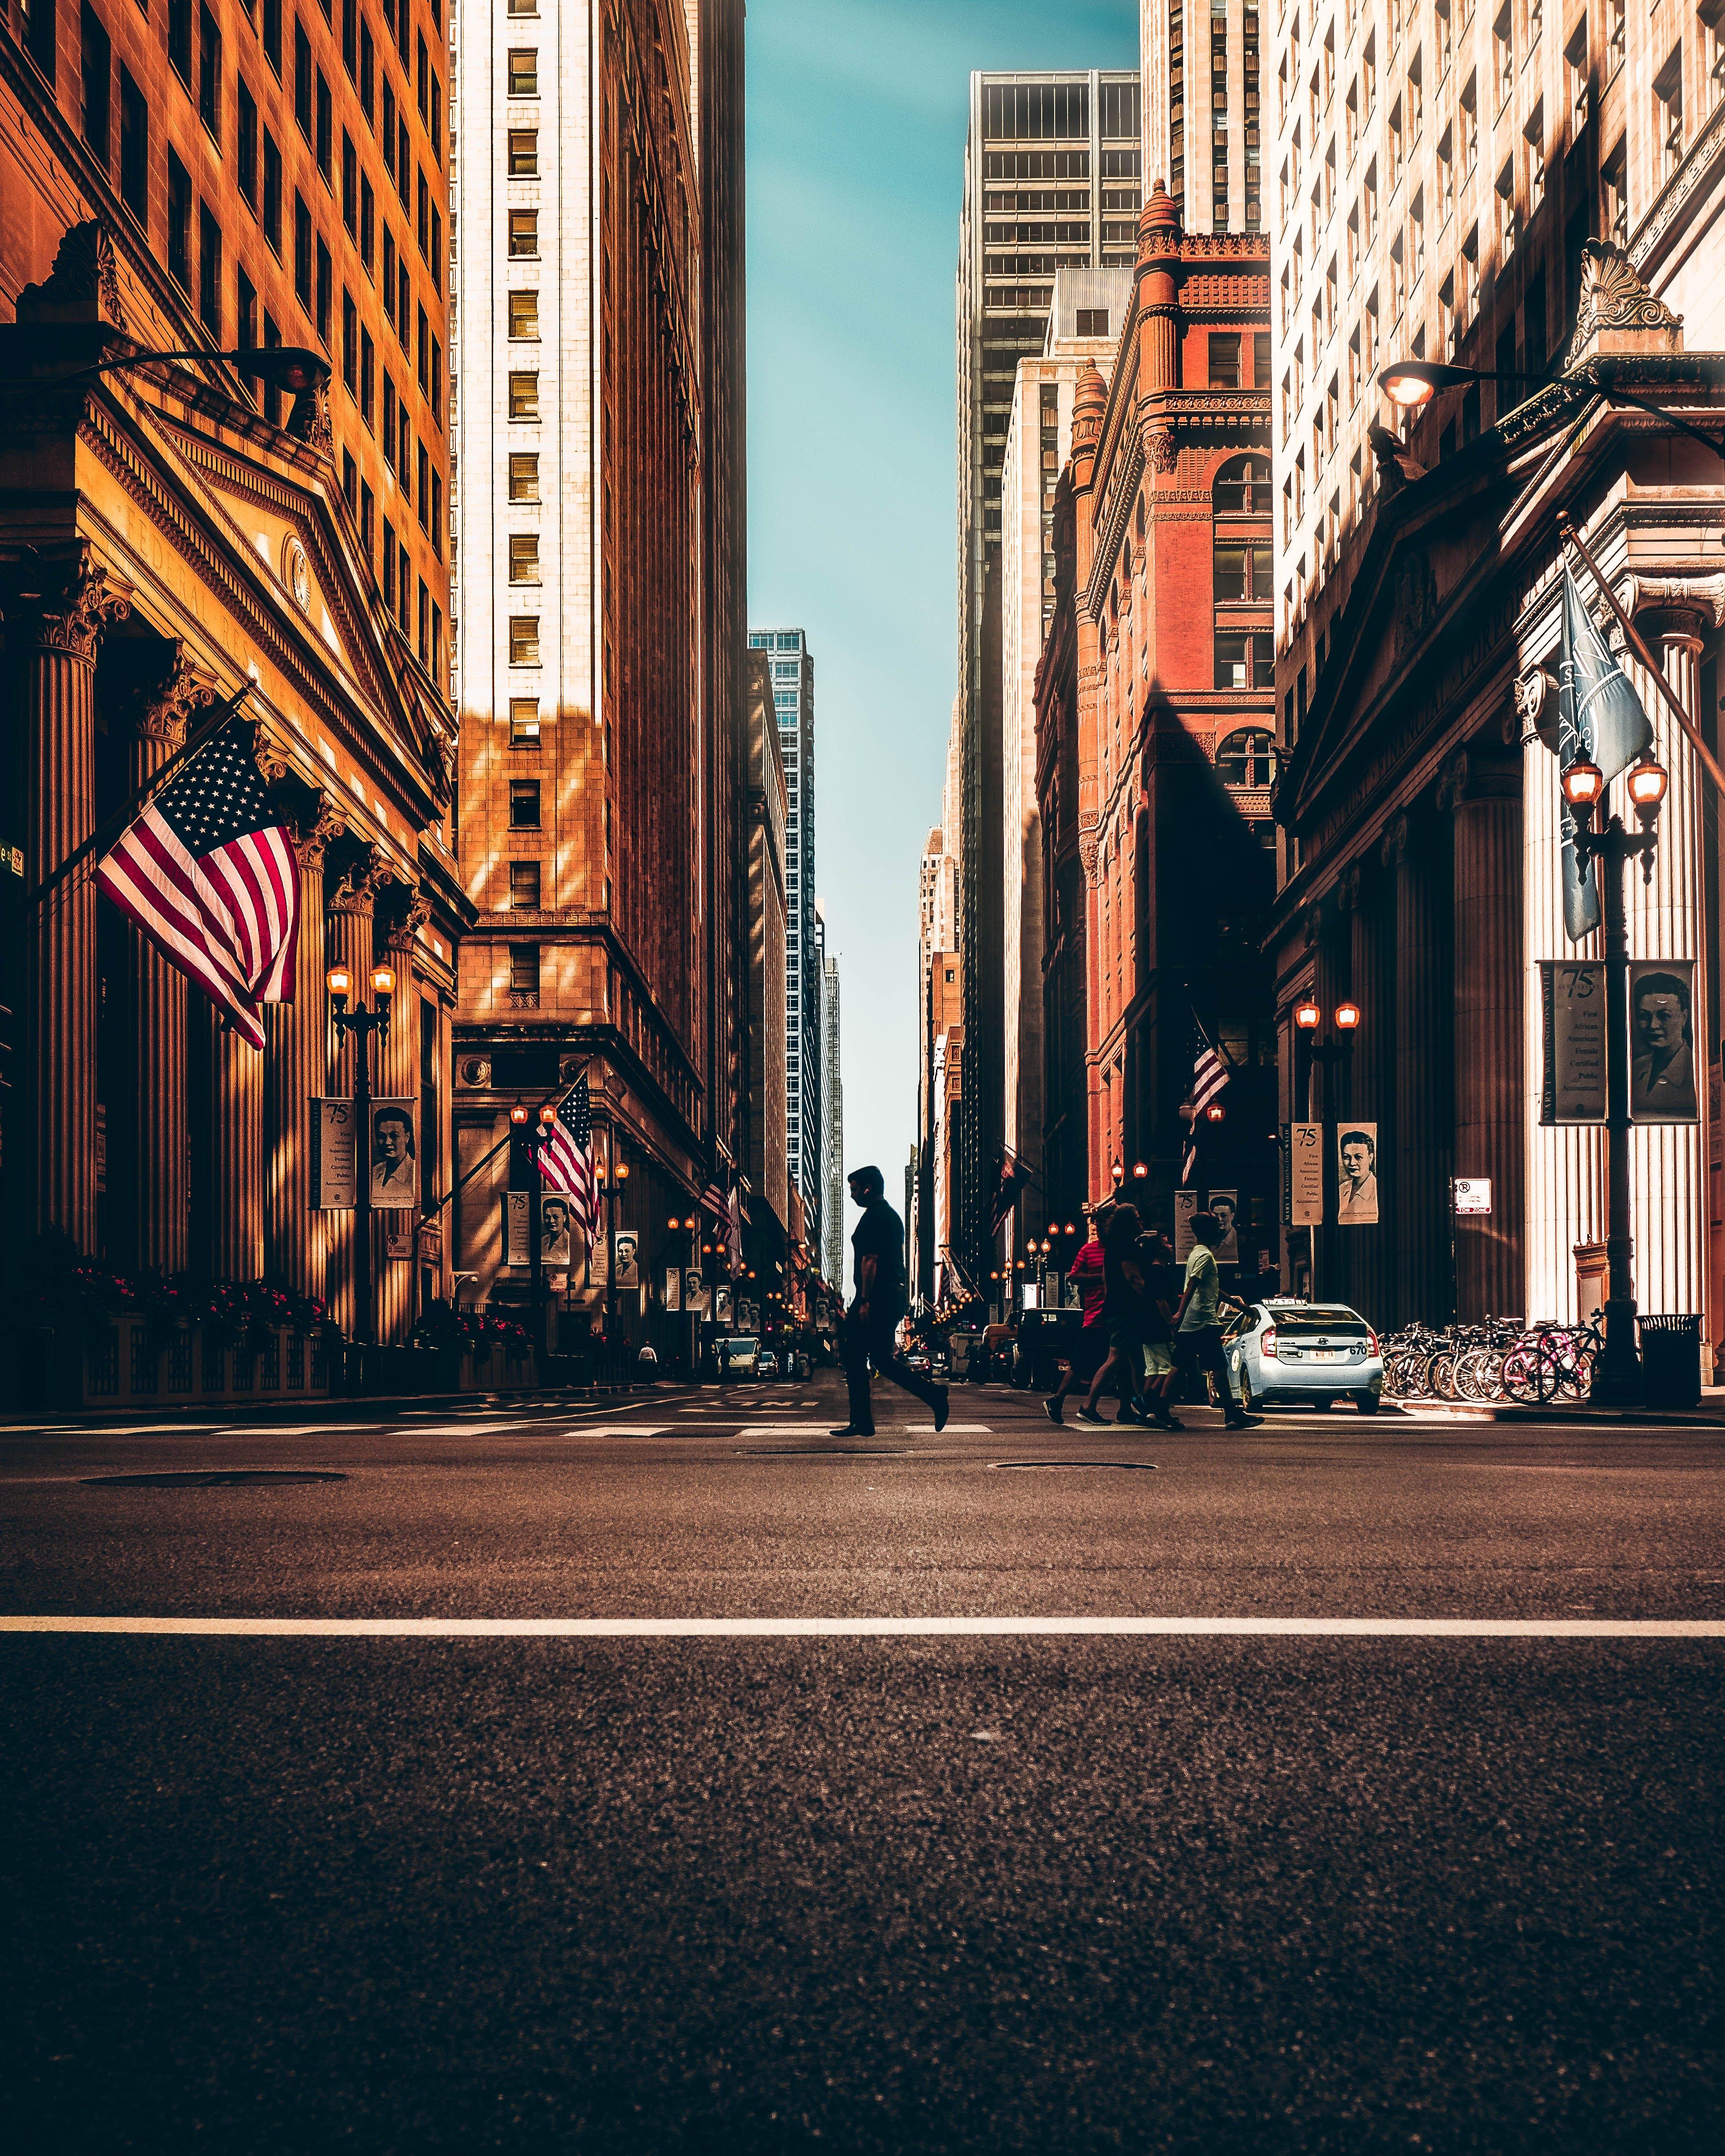 Δωρεάν στοκ φωτογραφιών με Αμερικανικές σημαίες, Άνθρωποι, αρχιτεκτονική, αρχιτεκτονικό σχέδιο